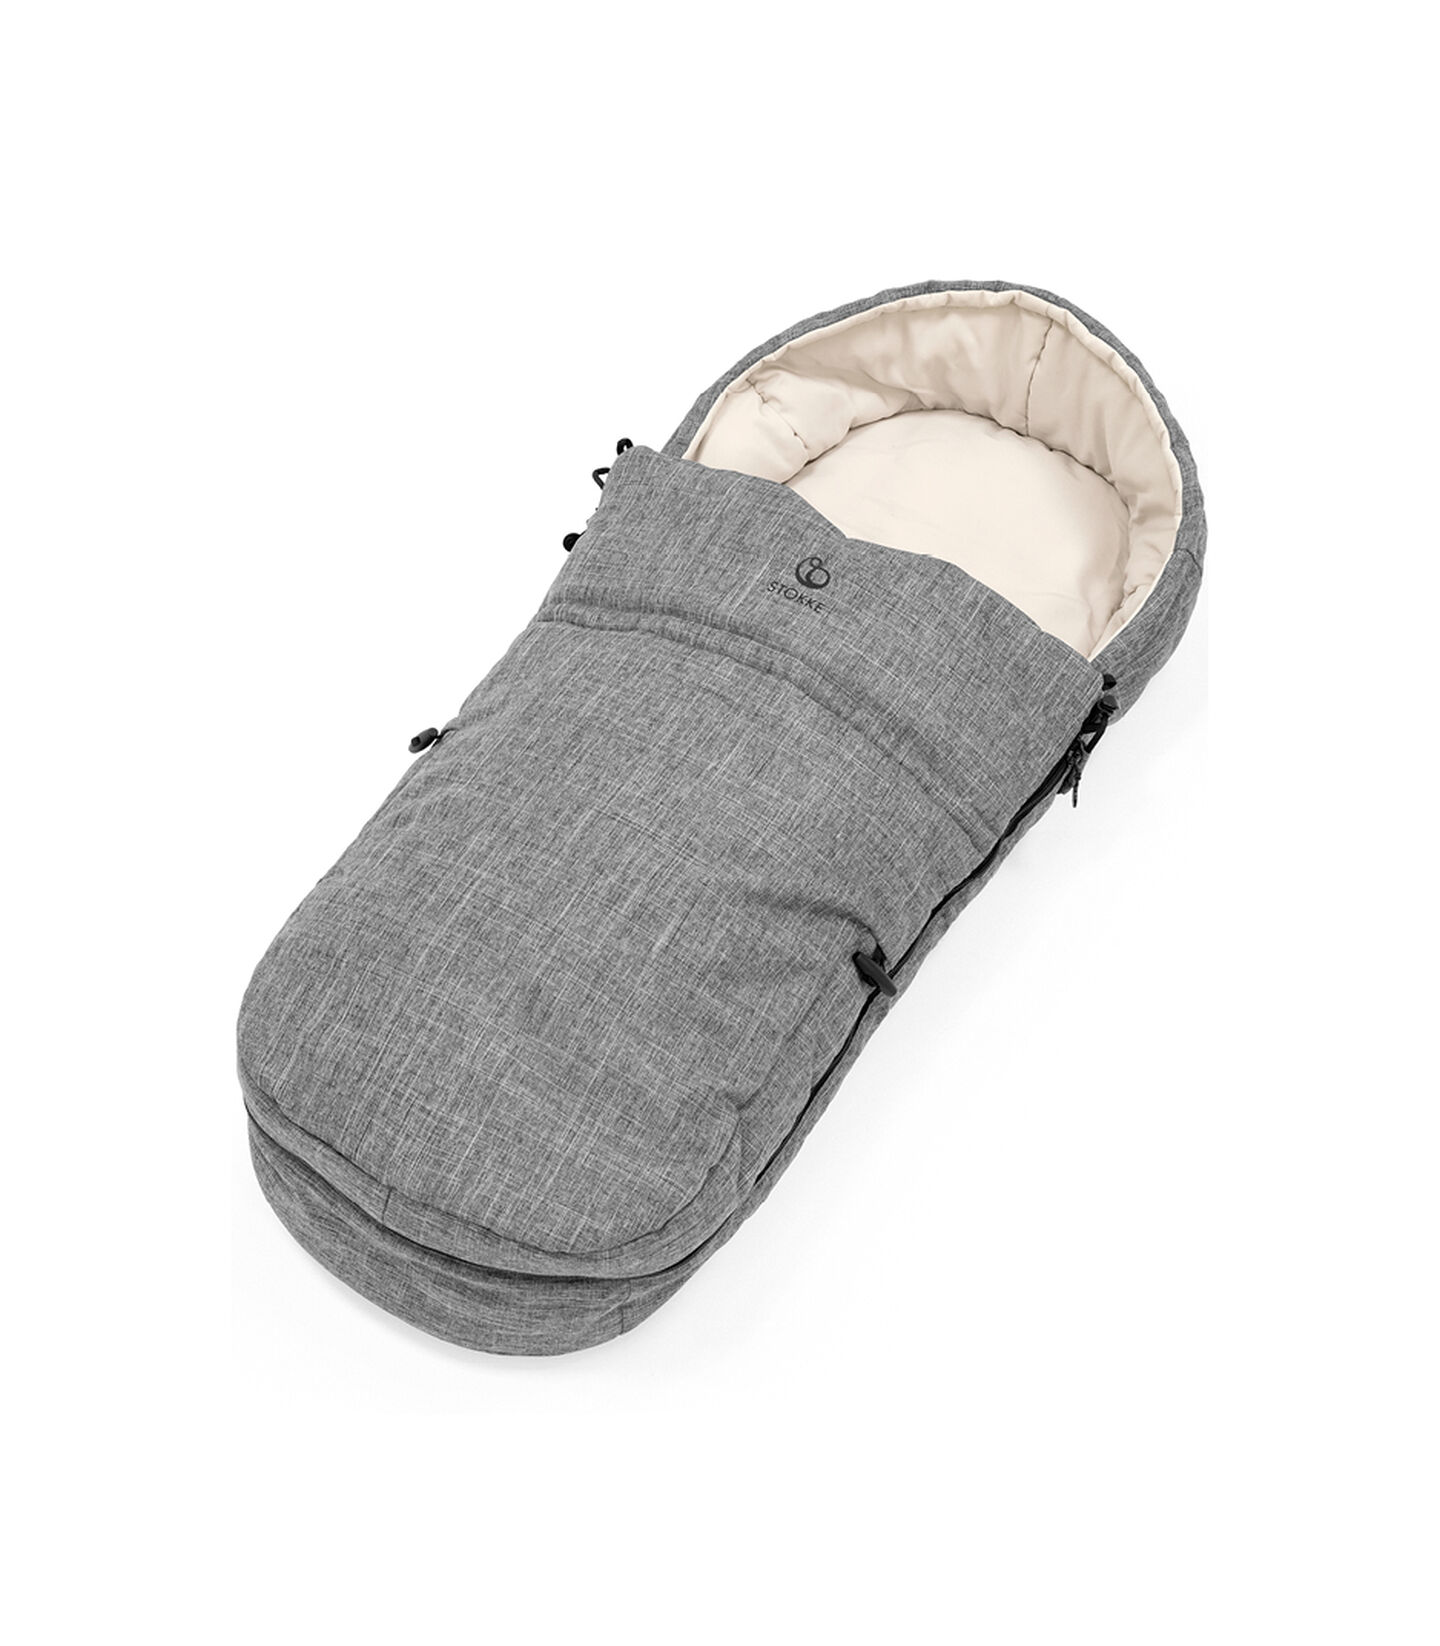 Stokke® Beat™ Soft Bag, Black Melange.